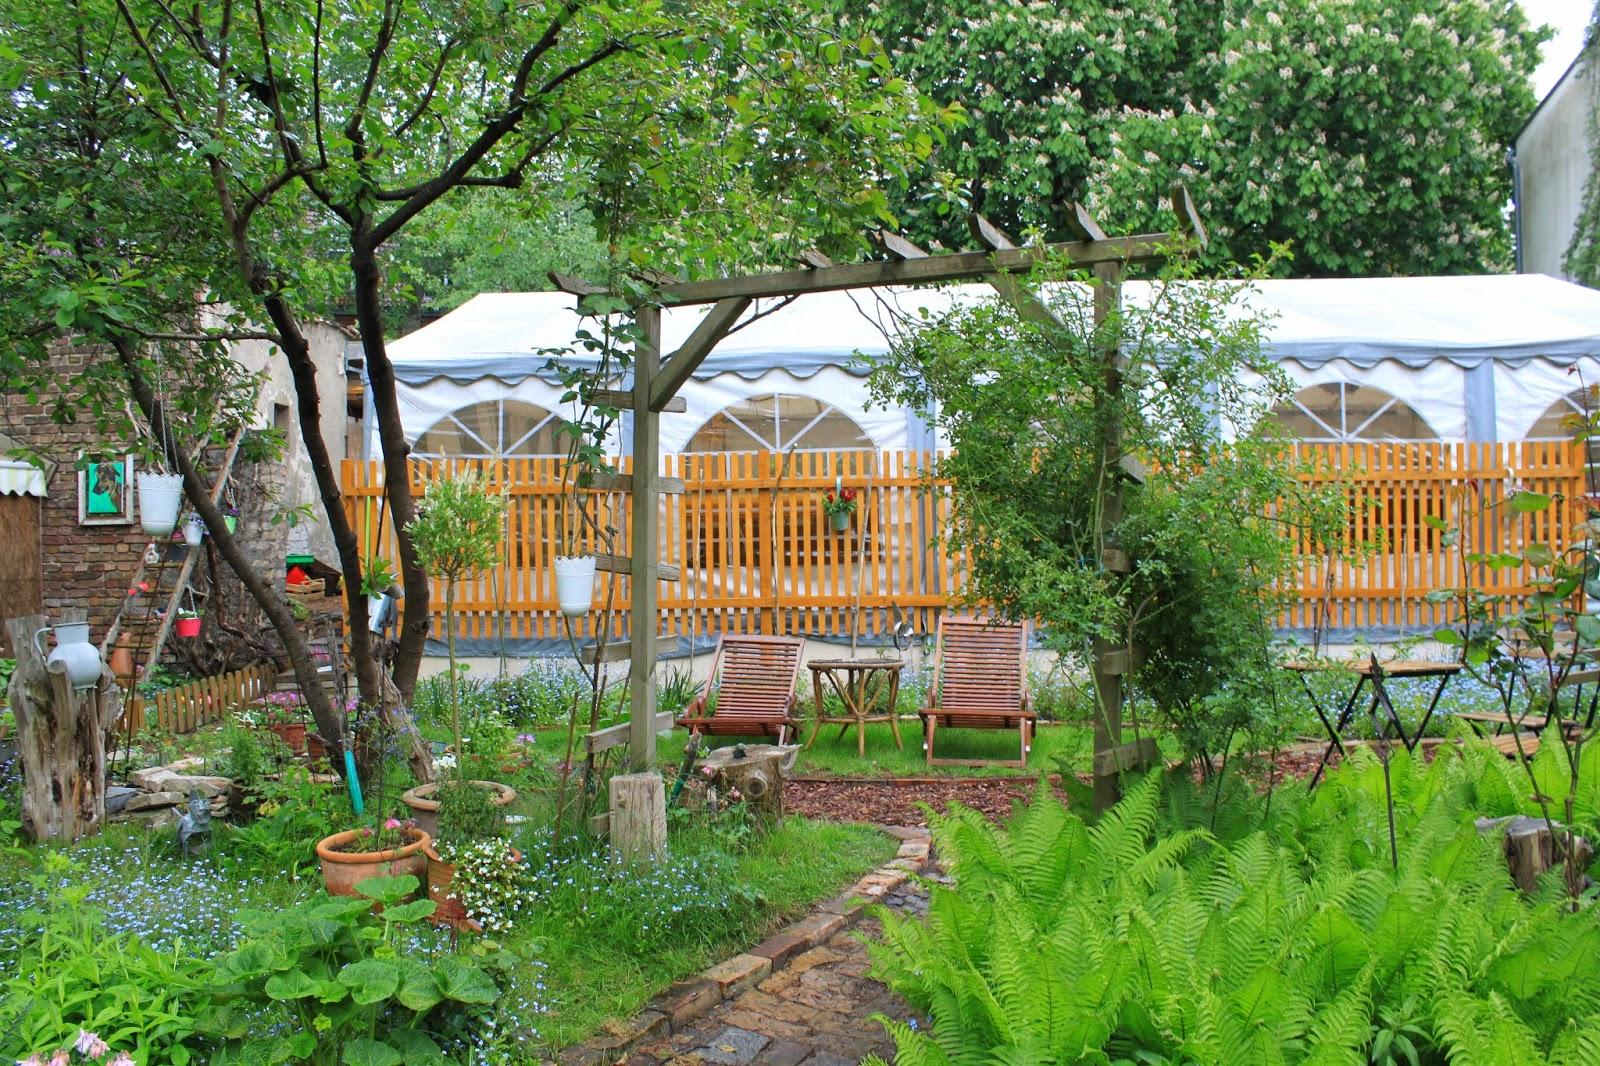 Sekretne ogrody w Rixdorf